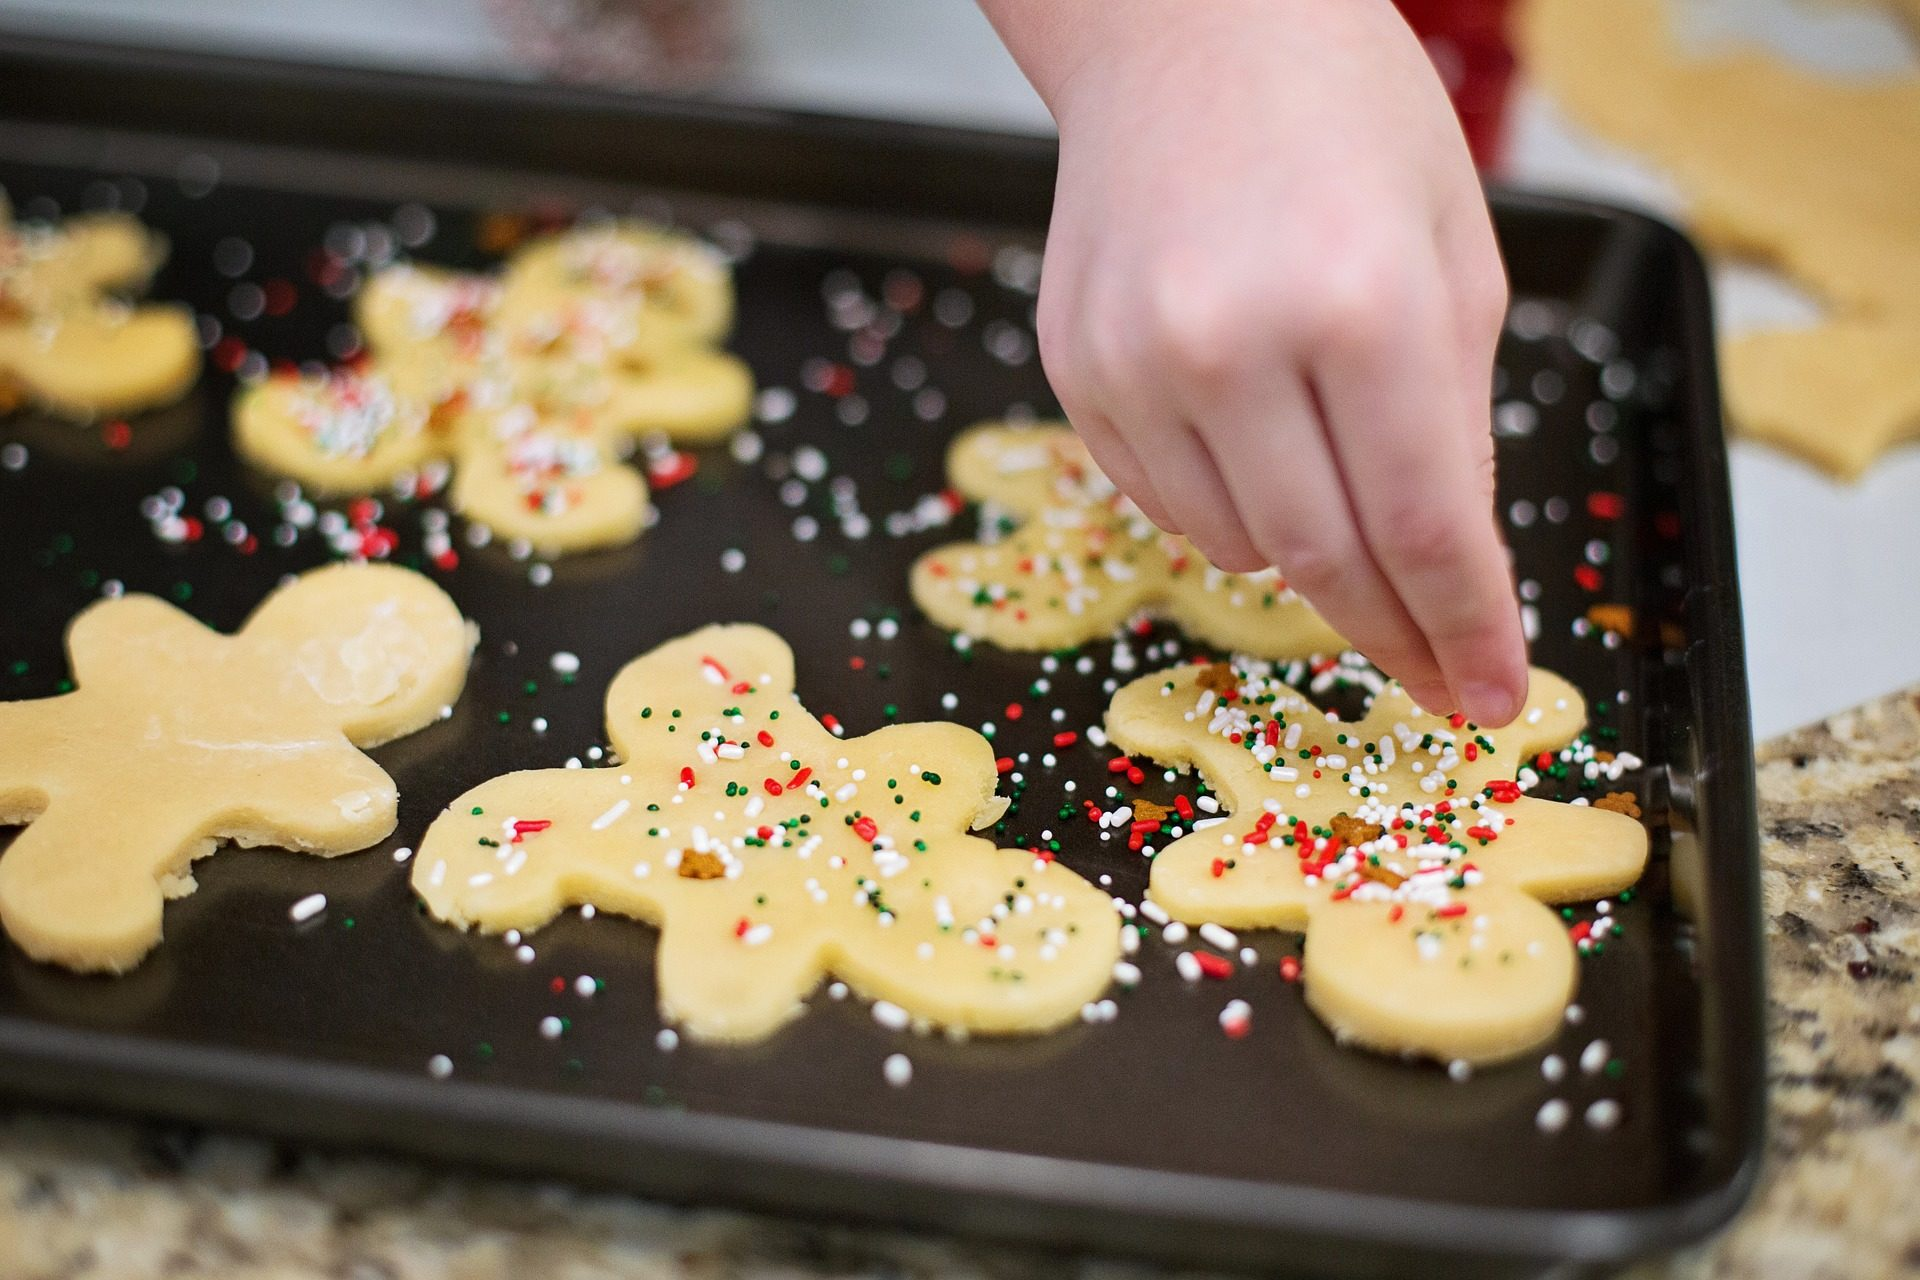 cookie, cucina, patatine fritte, colori, Natale, dessert - Sfondi HD - Professor-falken.com